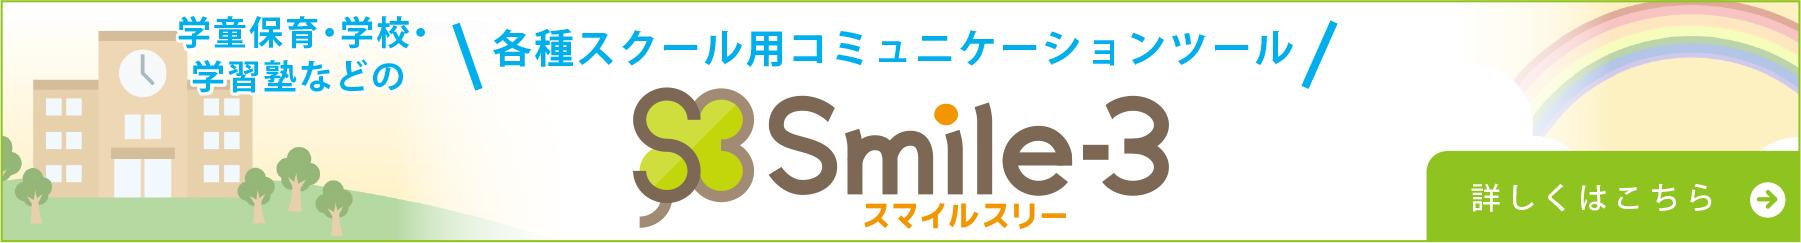 学童などの施設管理システム(入退室連絡・セキュリティ)smile-3(スマイル3)